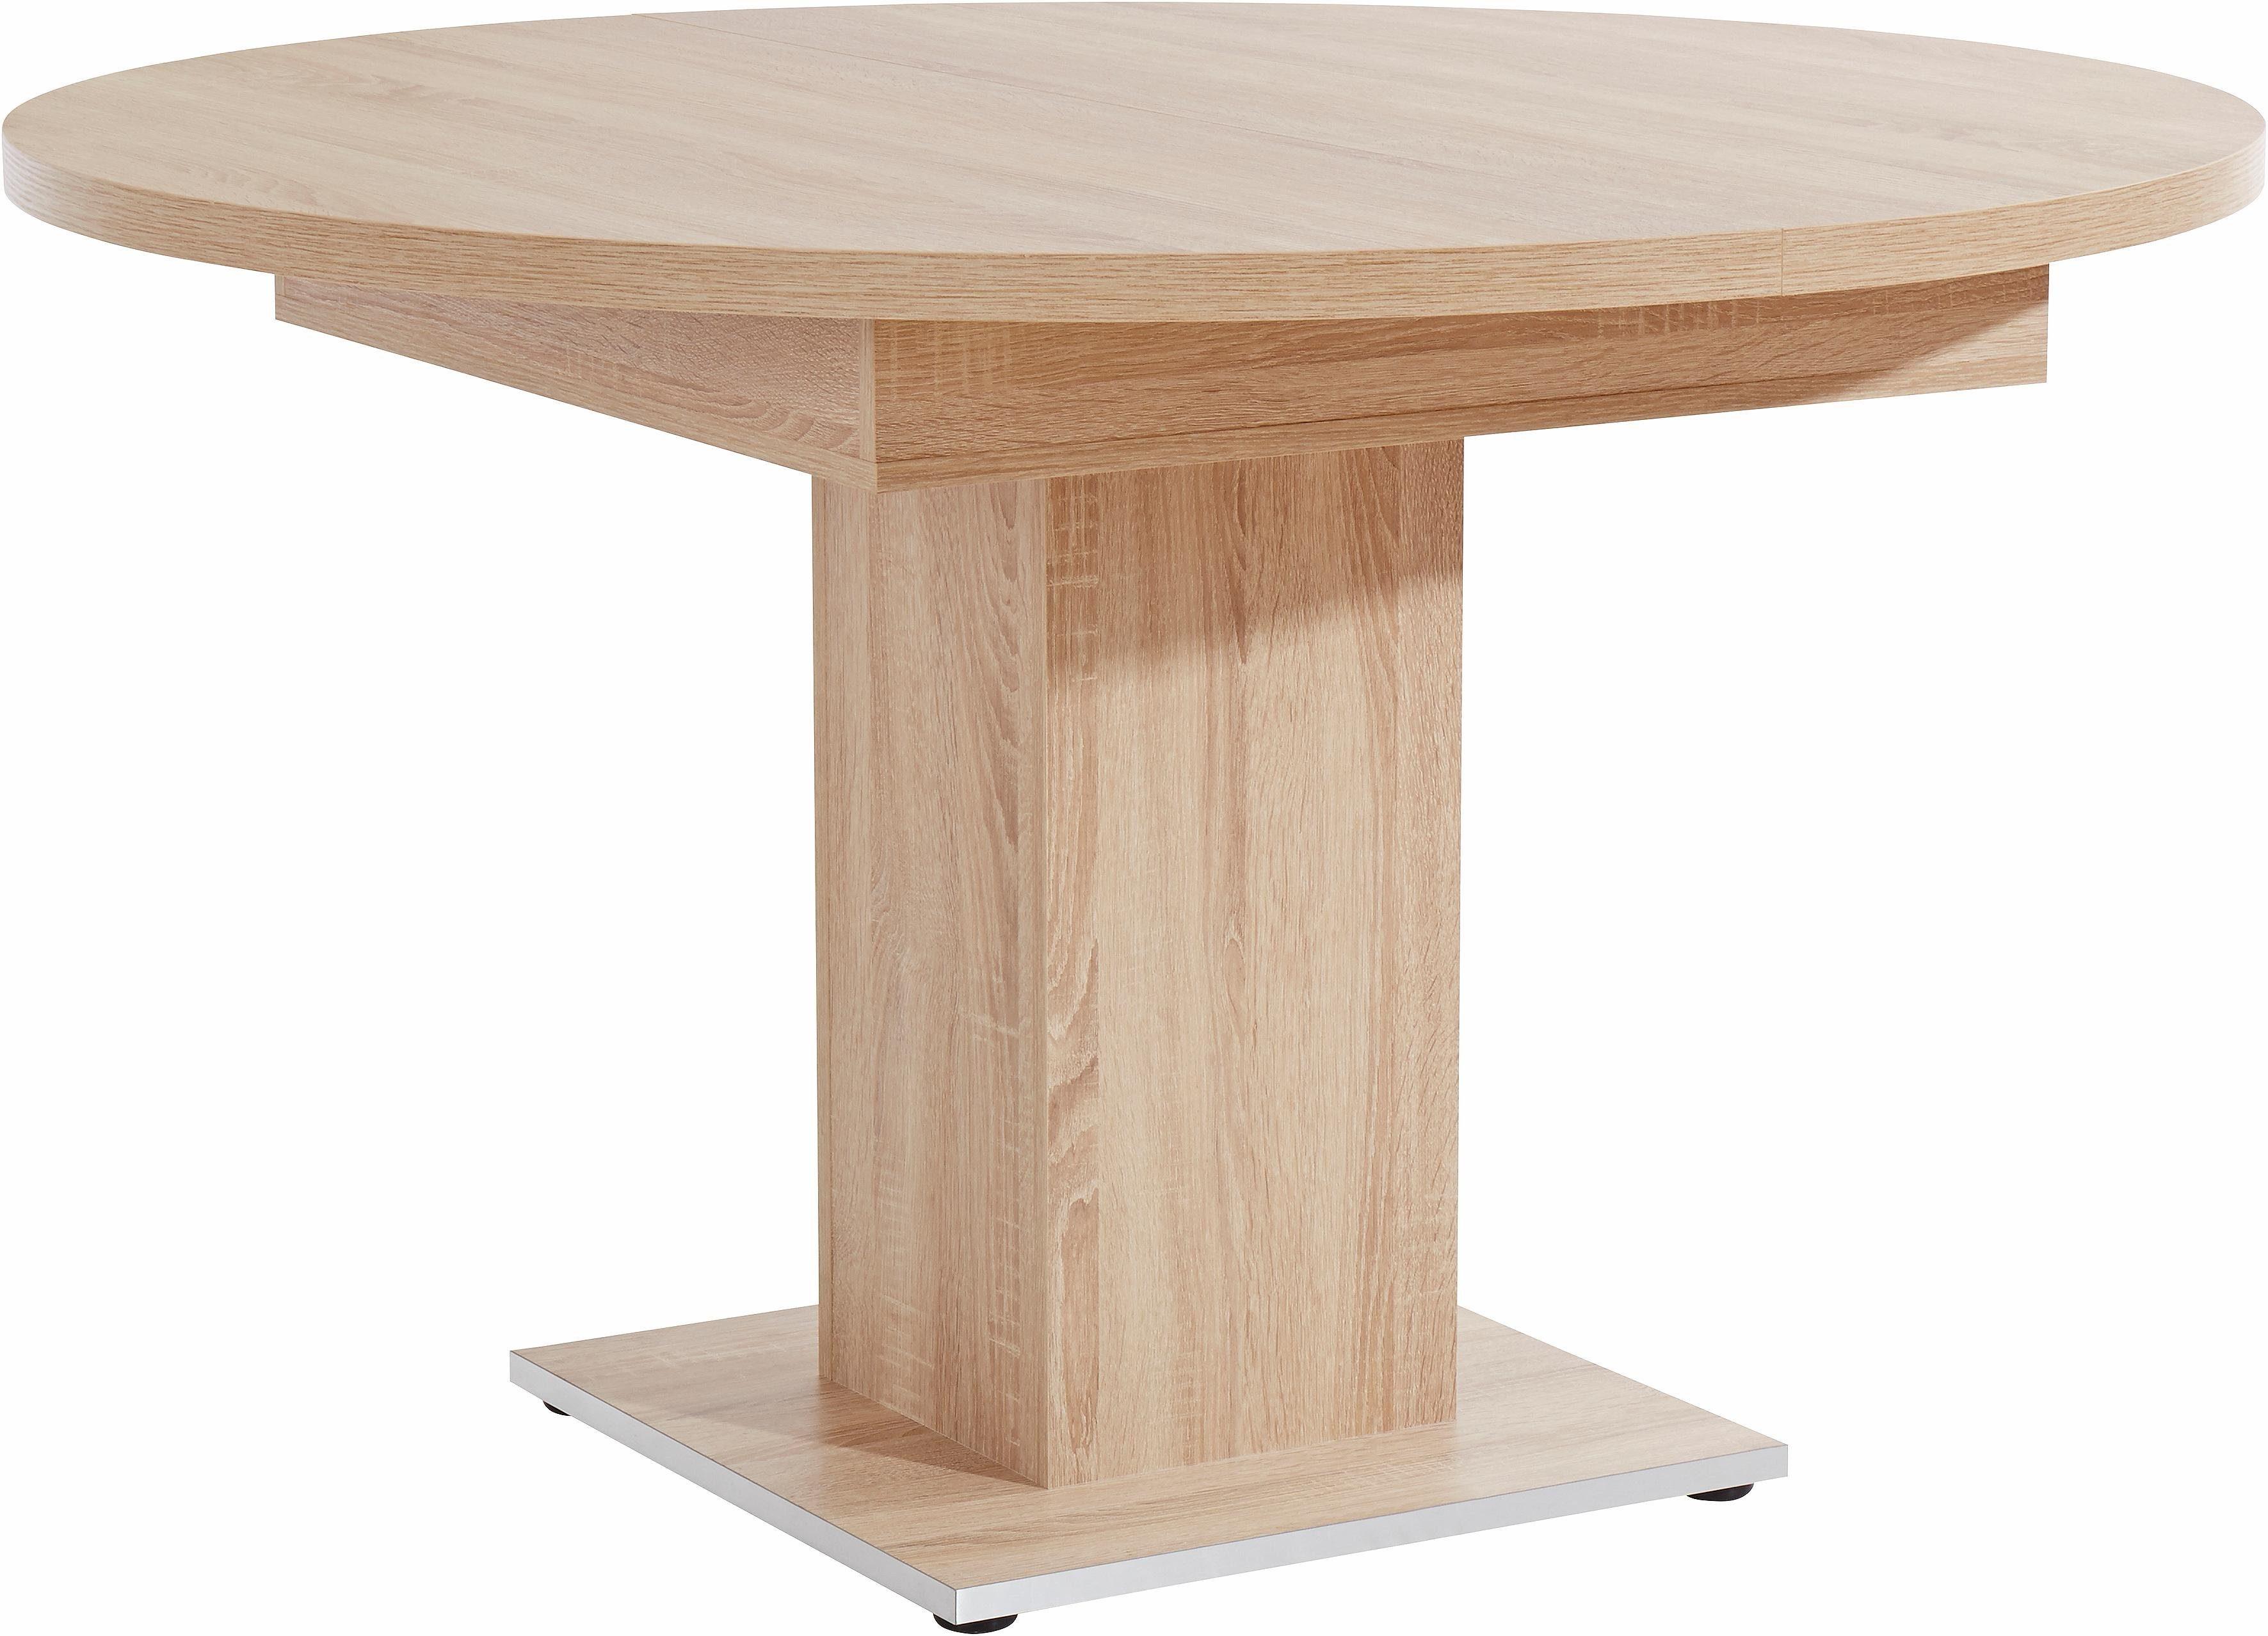 Grote ronde massief eiken tafel uitschuifbaar tot m te koop